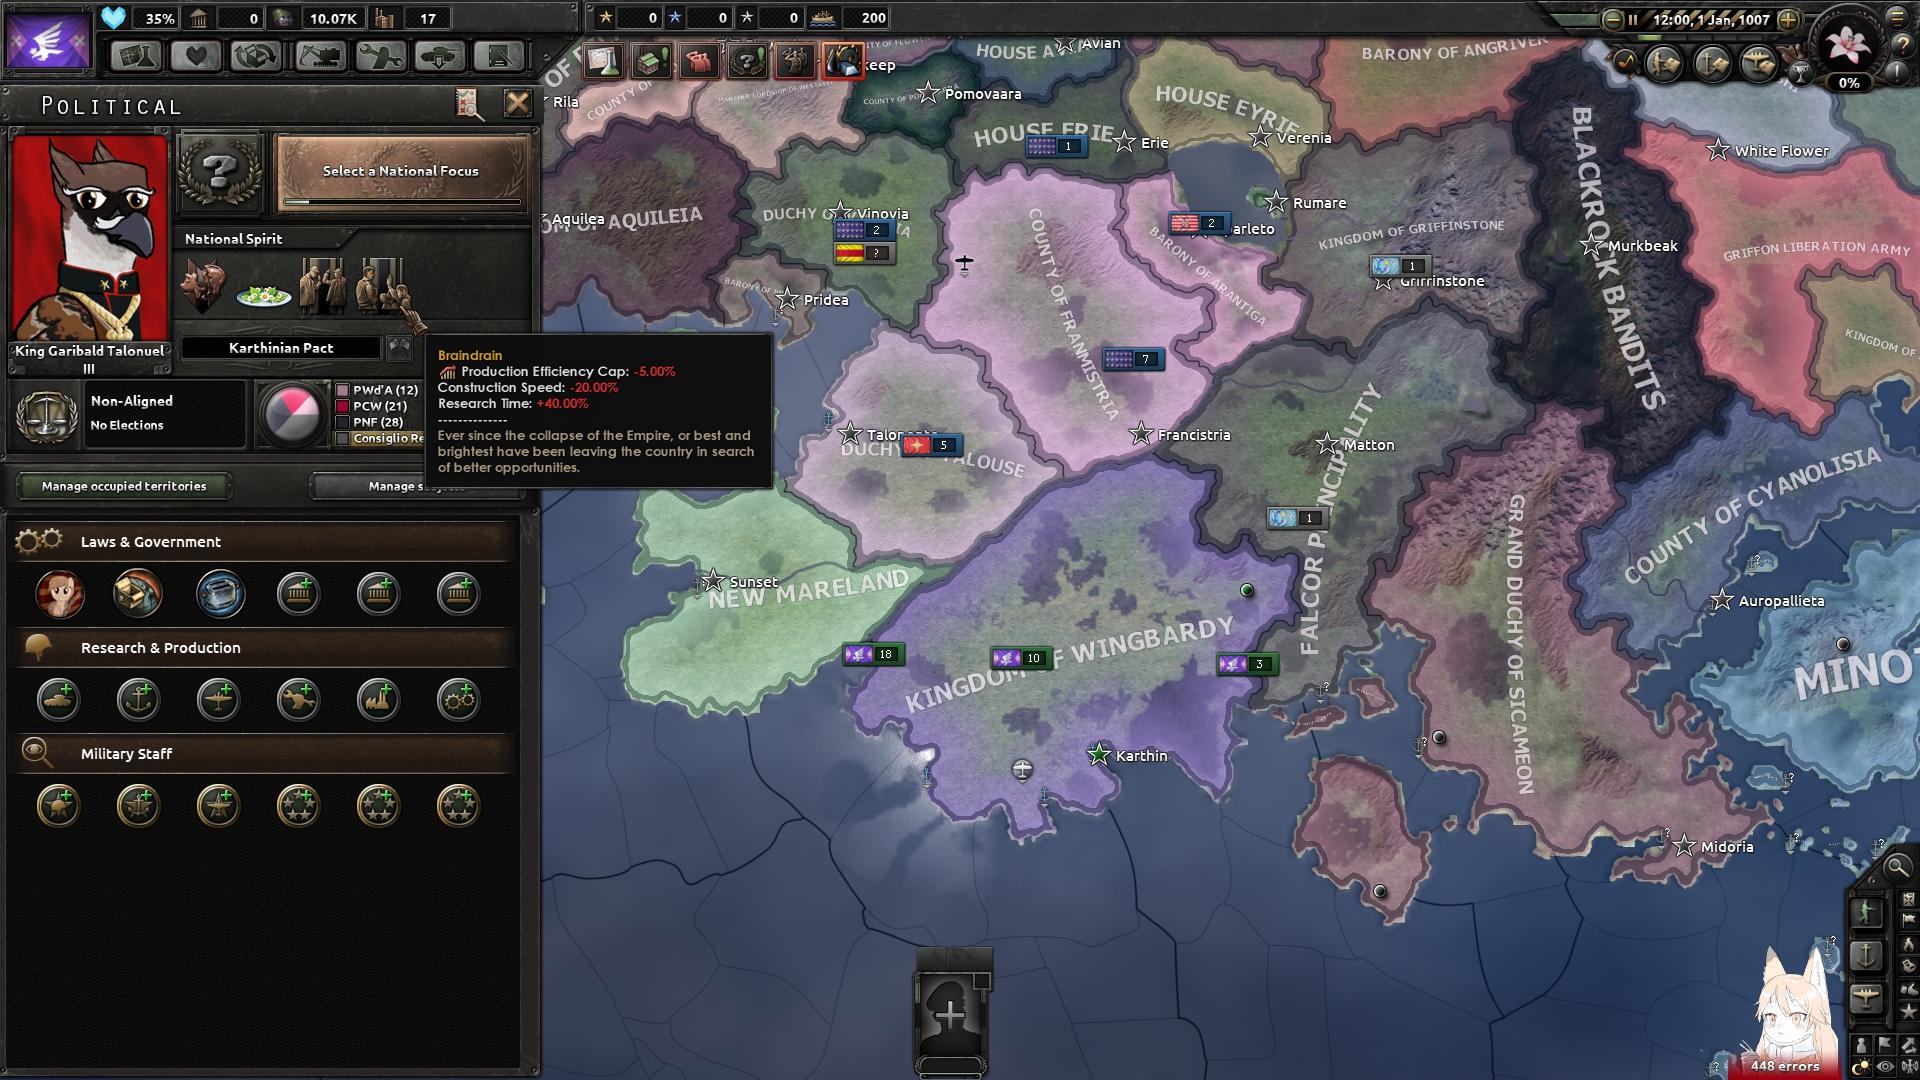 Hoi4 kaiserreich download skymods | Darkest Hour GAME MOD